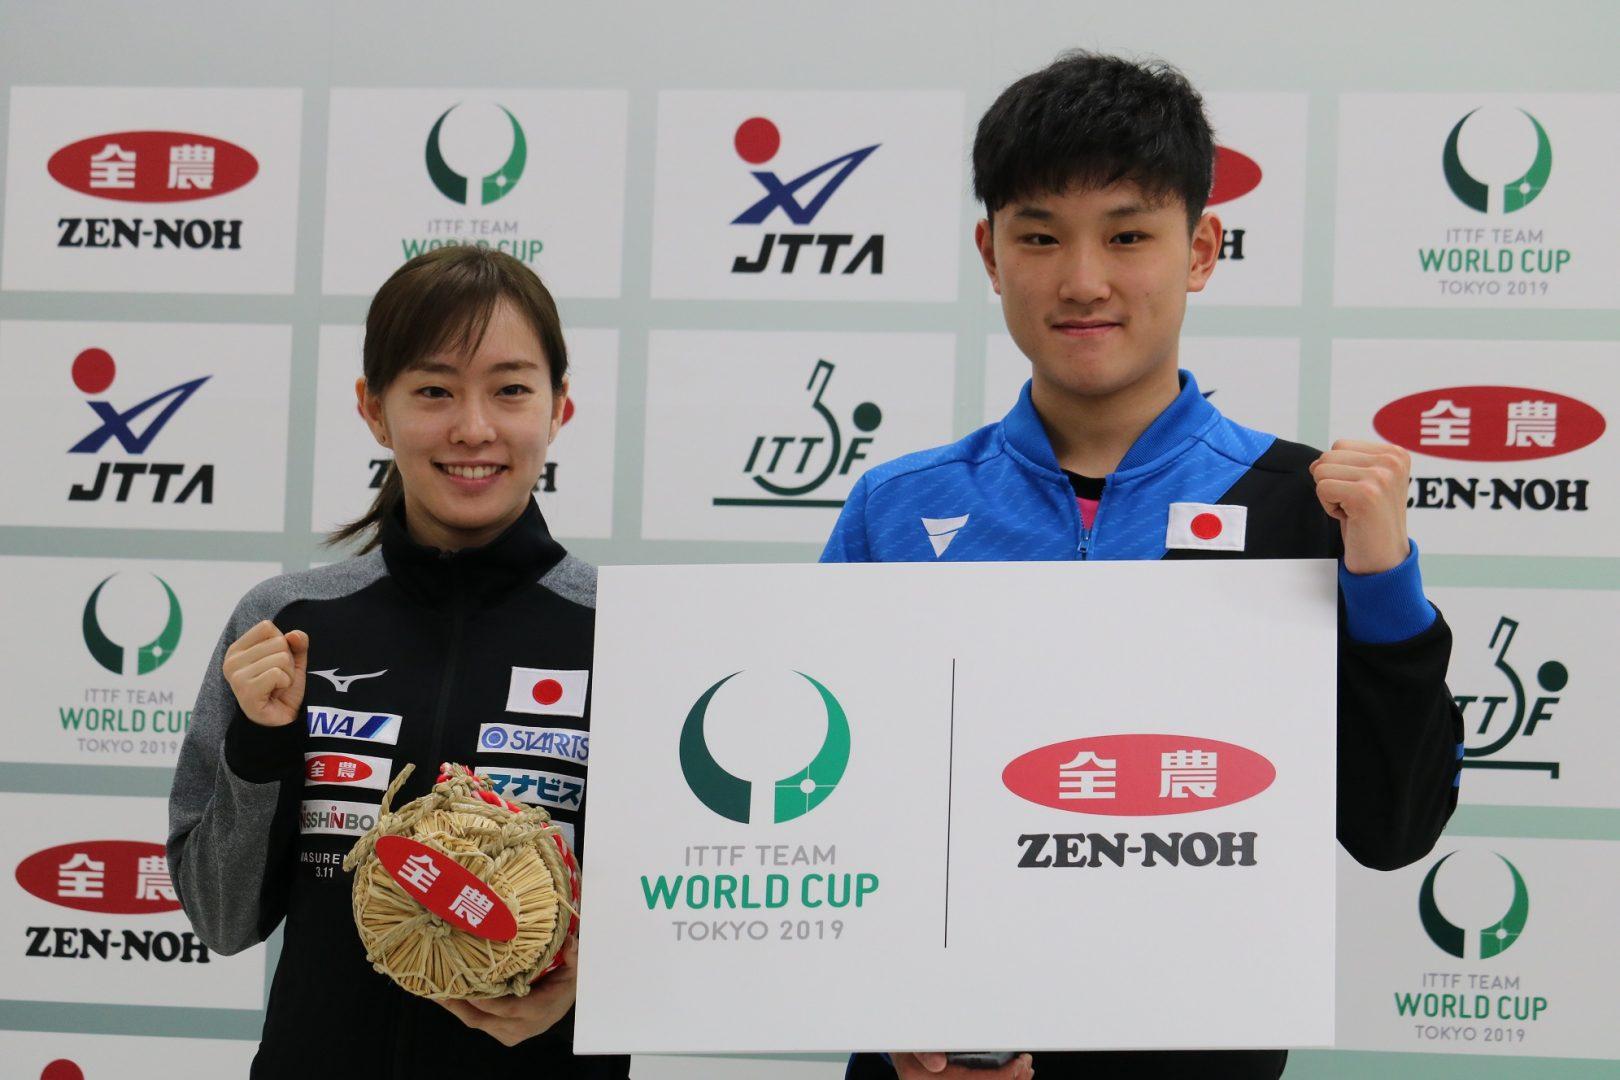 張本、石川が金メダルへ意気込み 張本「1つの大きな目標」<JA全農 2019ITTFチームワールドカップ東京大会>